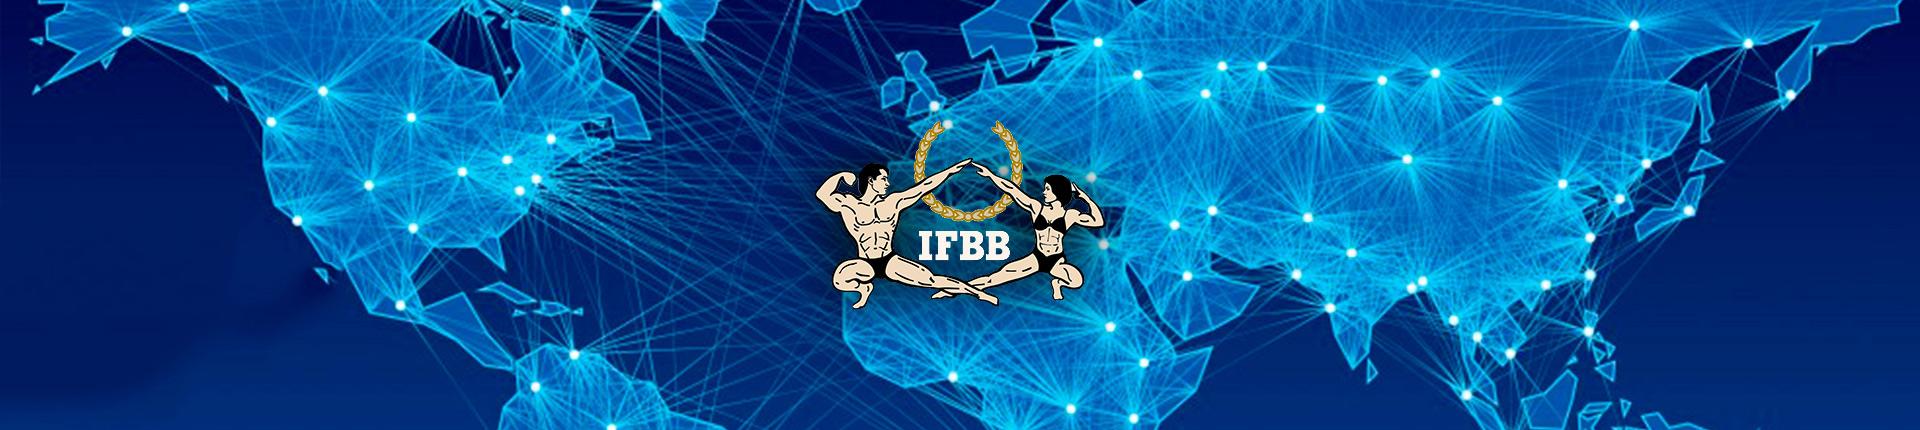 Startuj w zawodach bez wychodzenia z domu! Międzynarodowy e-konkurs IFBB